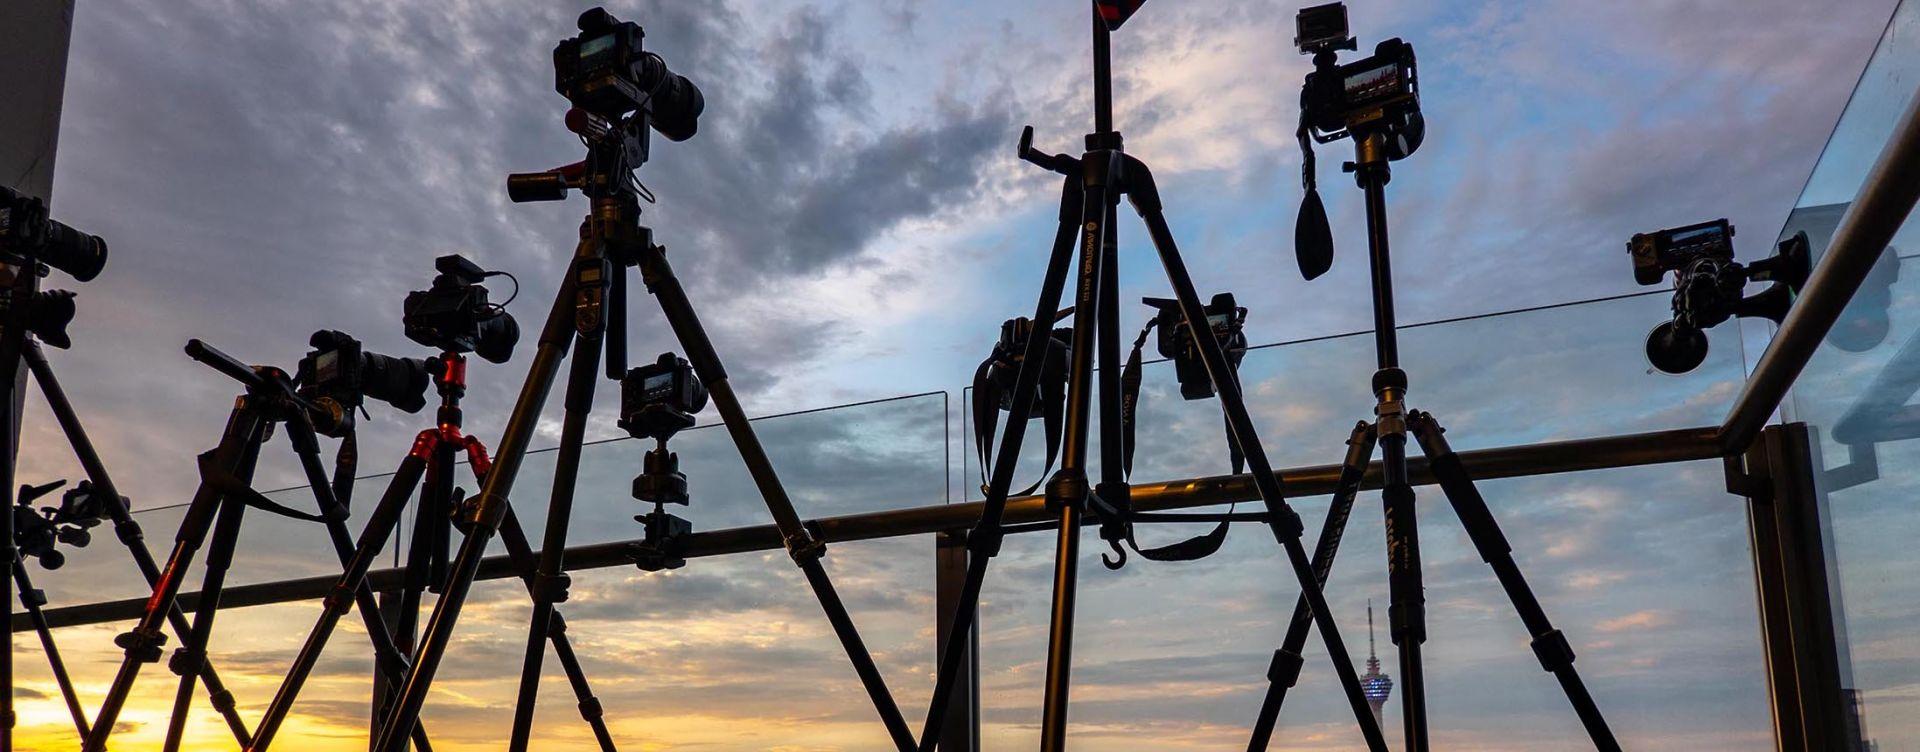 Engagez un spécialiste du time-lapse